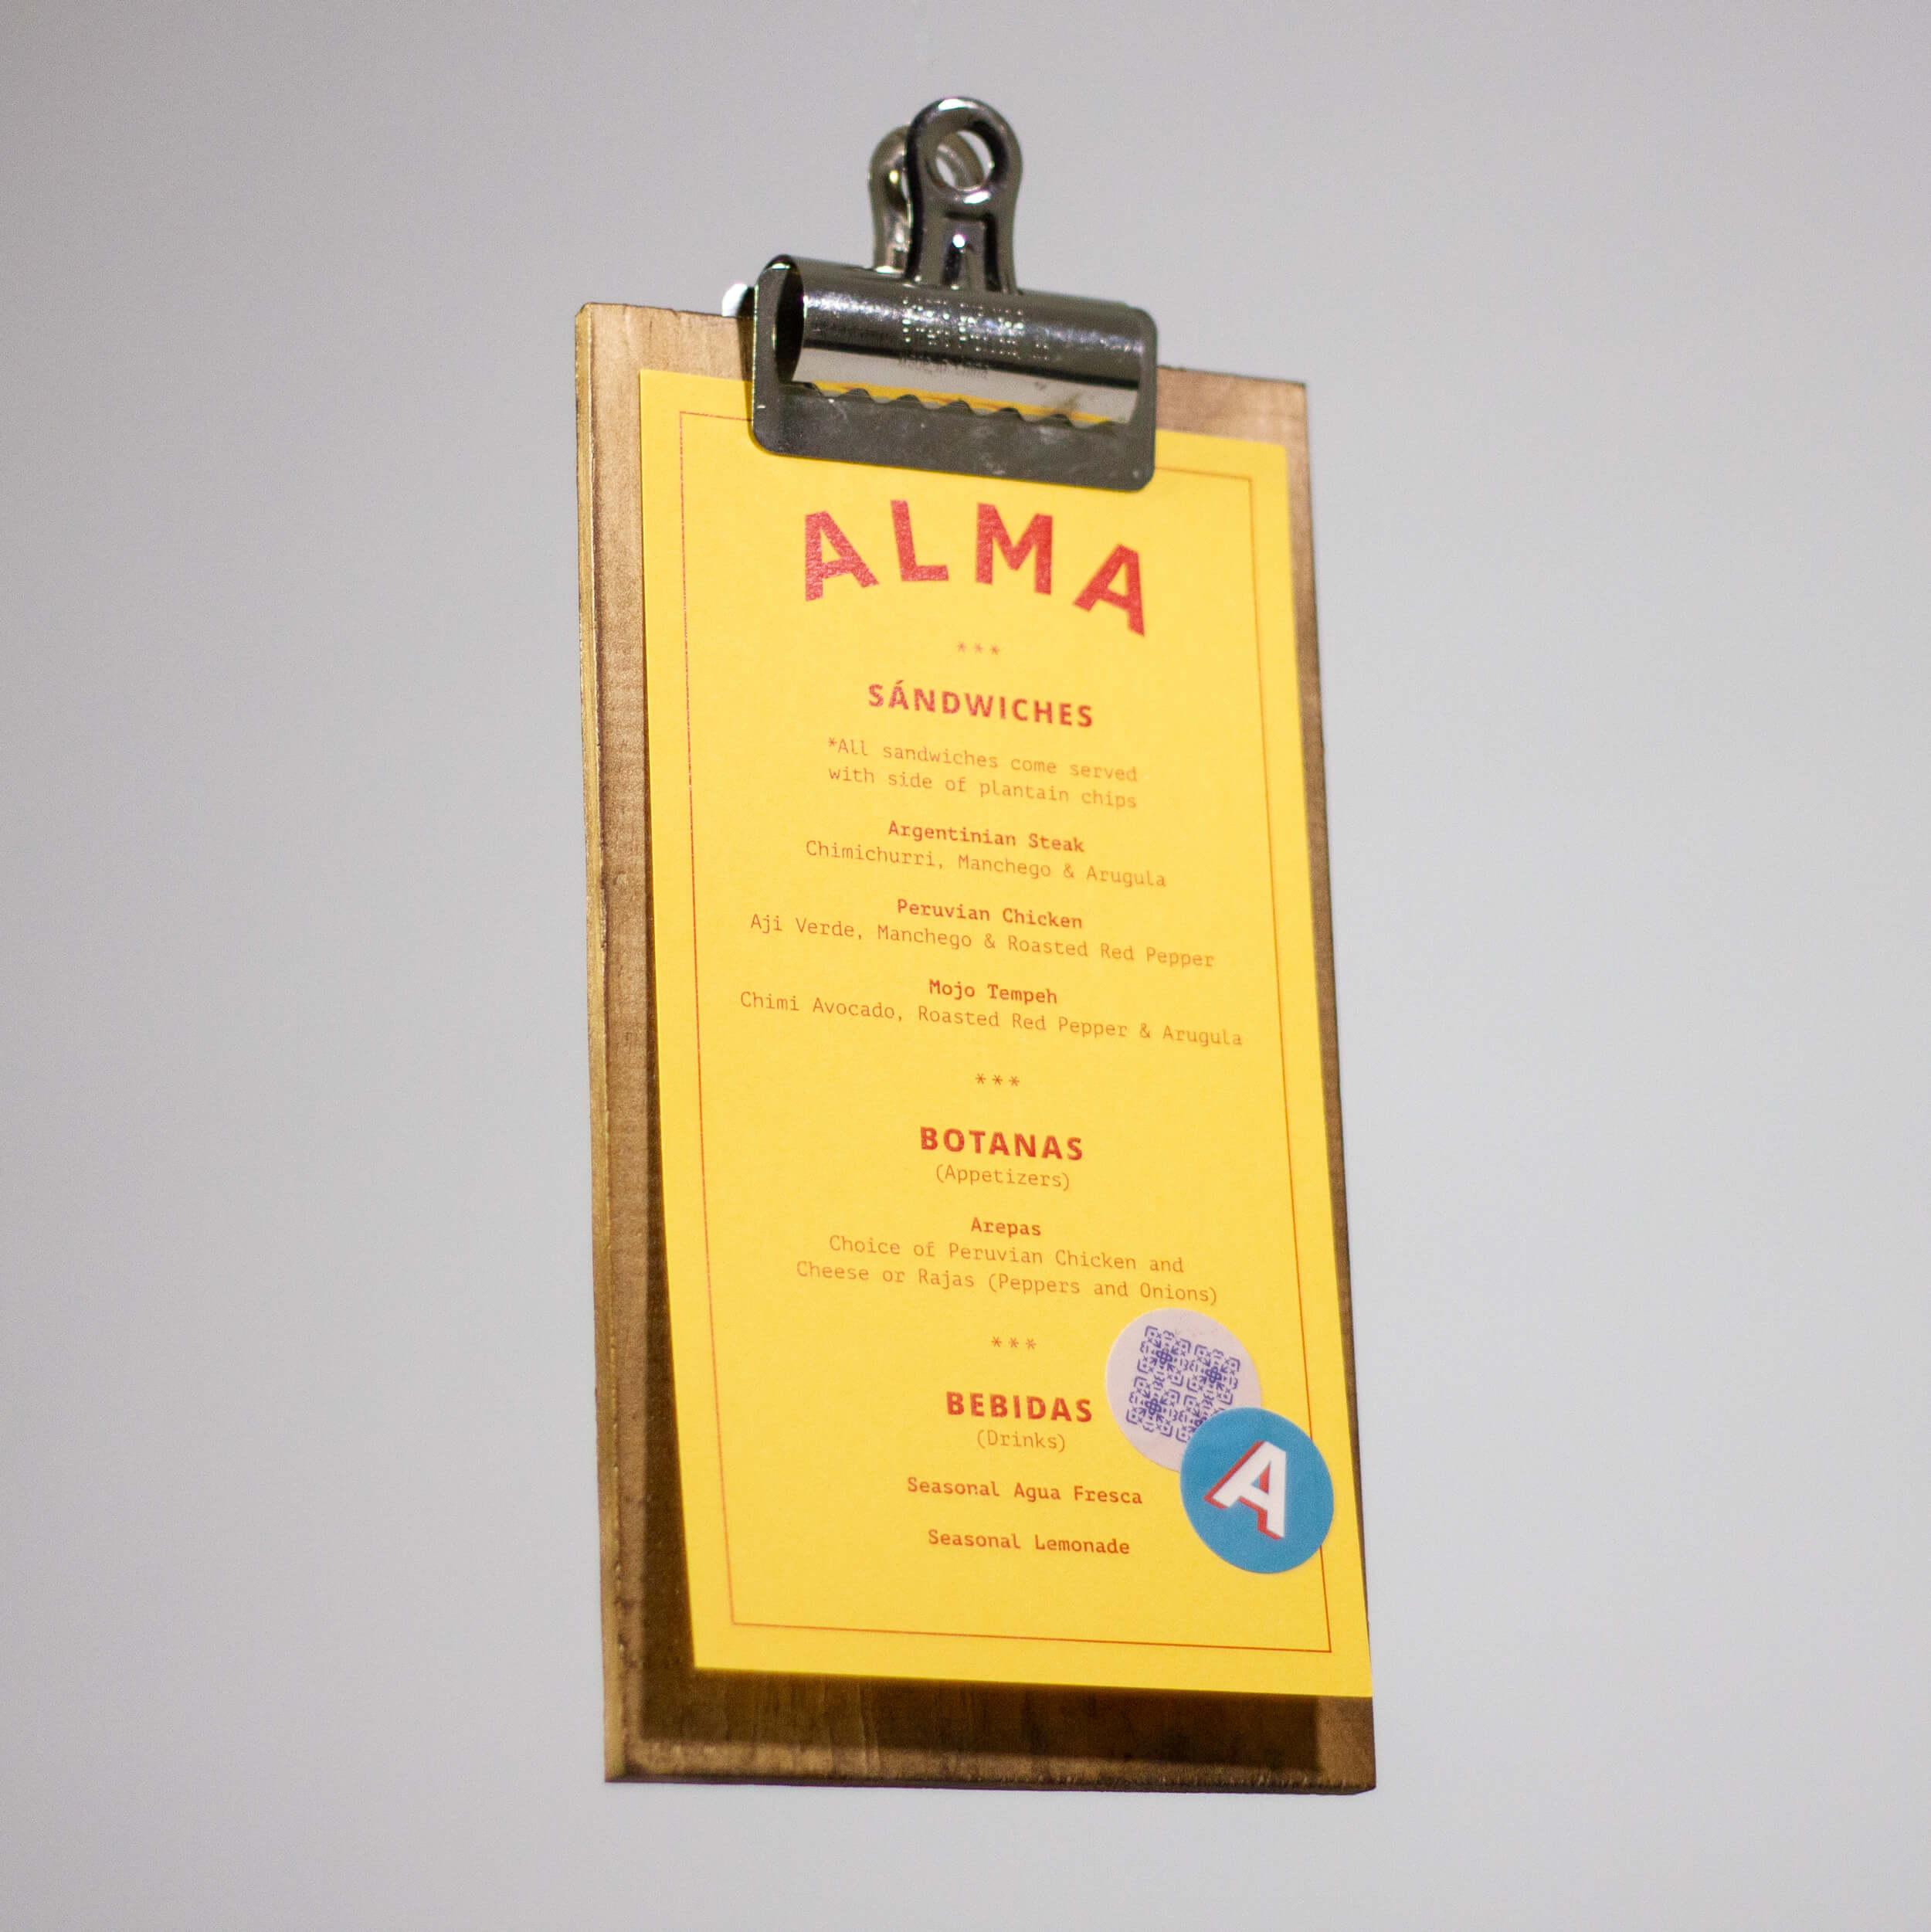 Remo-Remo-Design-ALMA-CS-Stationery-02.jpg